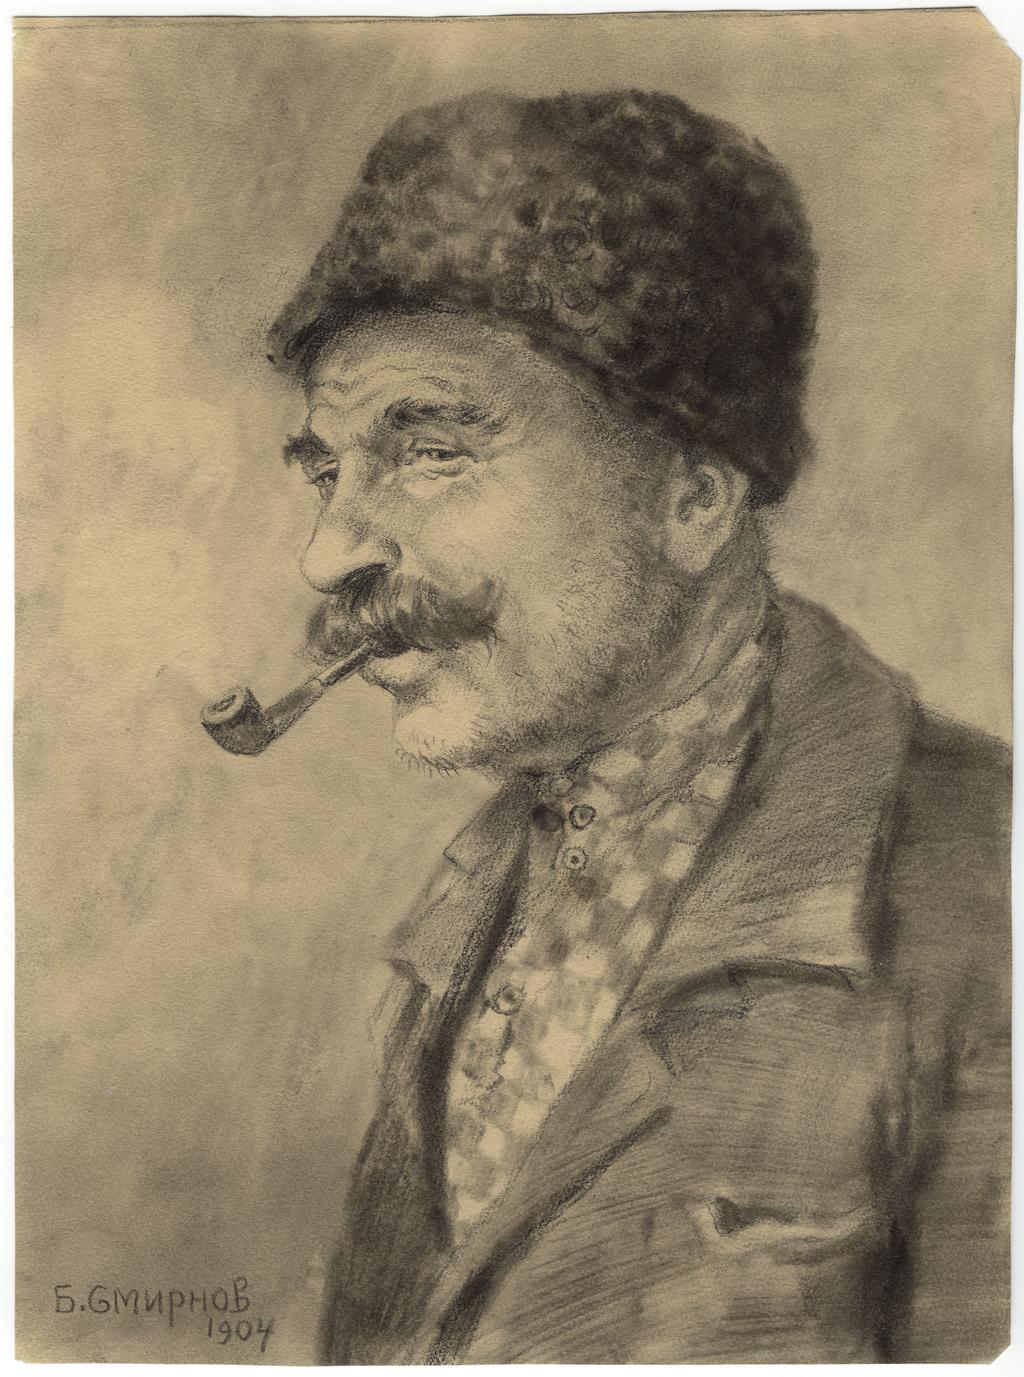 Сибирь. Переселенец из Новороссии